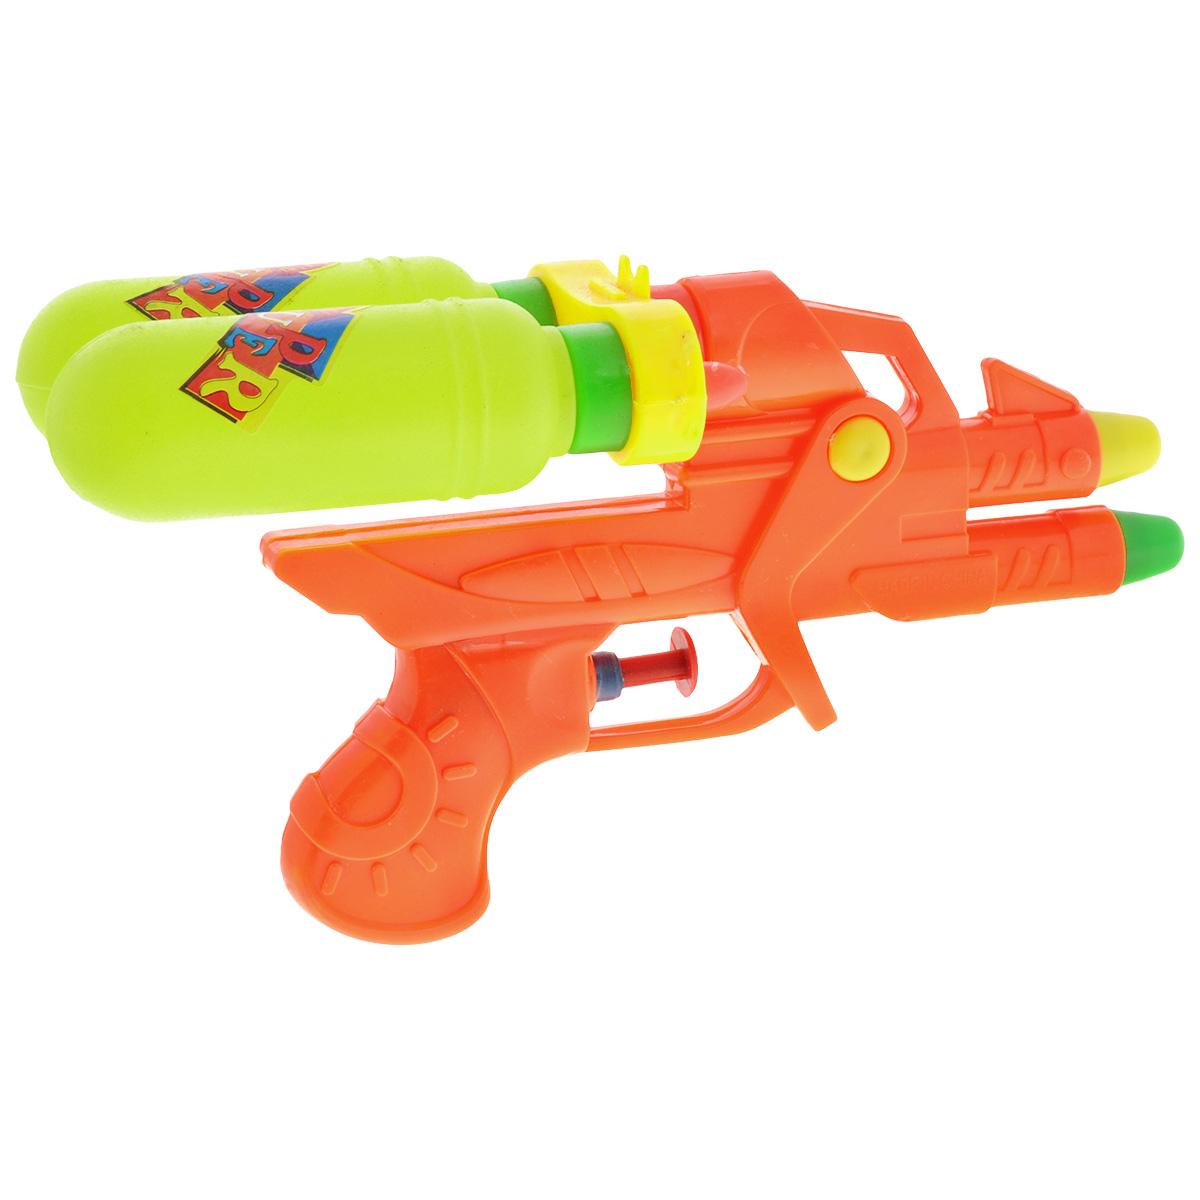 Водный пистолет Bebelot Мощная атака водный пистолет bebelot суперагент beb1106 006